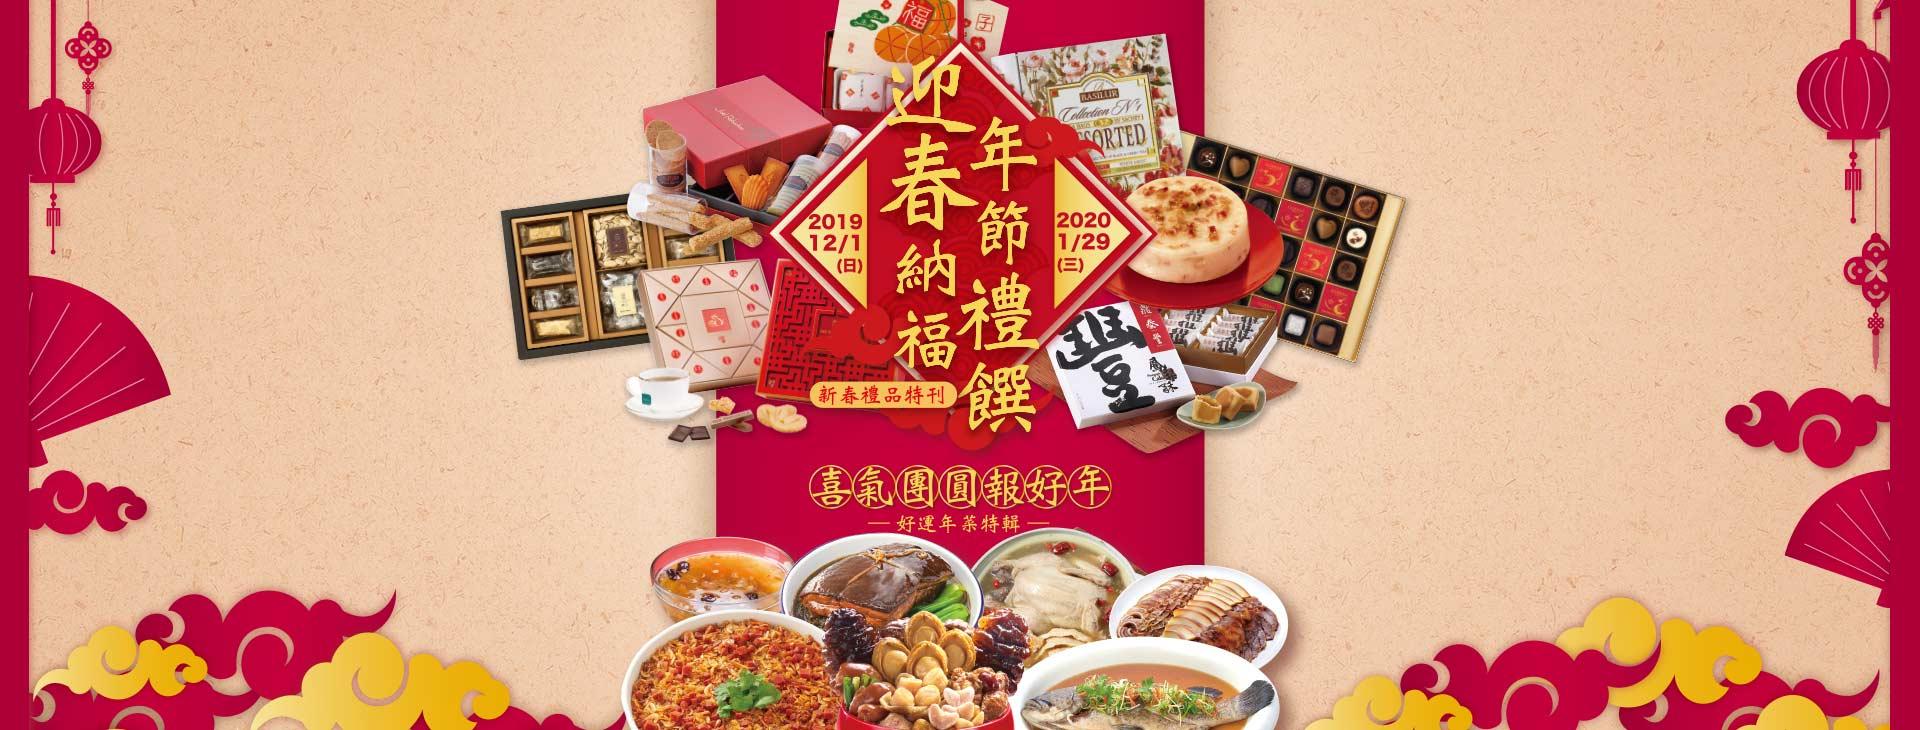 【迎春納福 年節禮饌】新春禮品特刊&好運年菜特輯